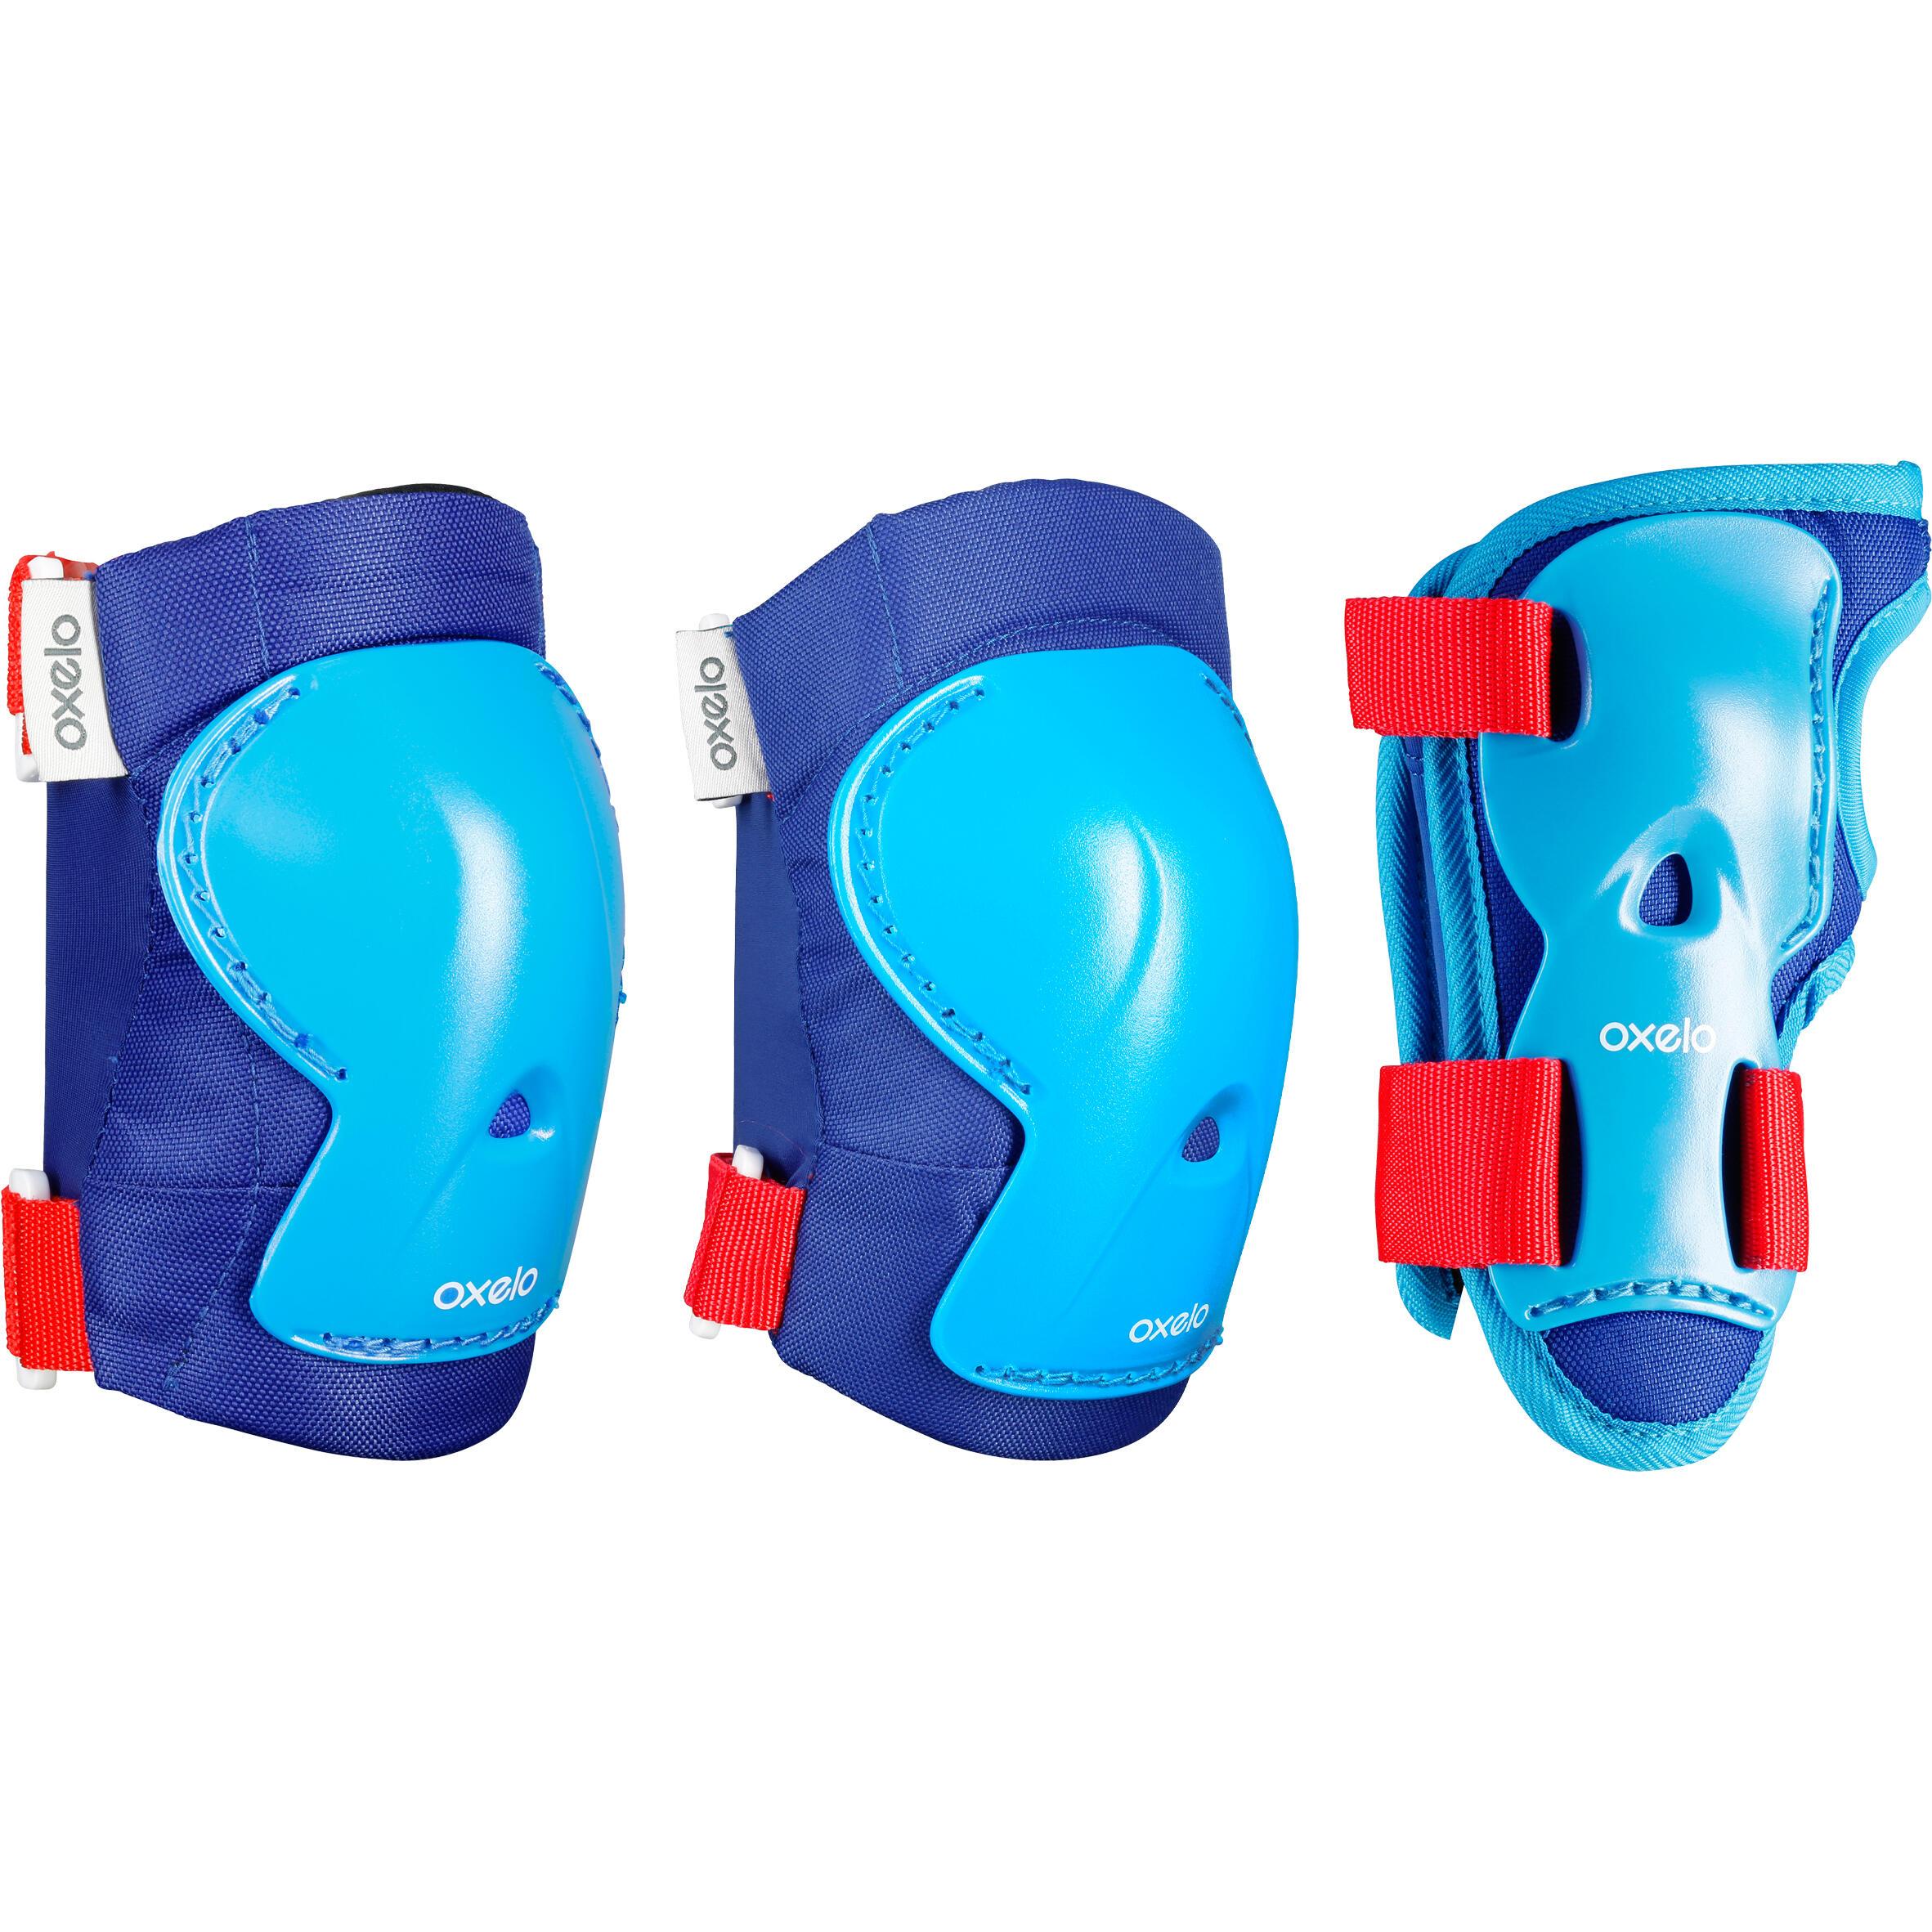 Set 3 protecciones patines, patineta y patín del diablo niños PLAY azul rojo